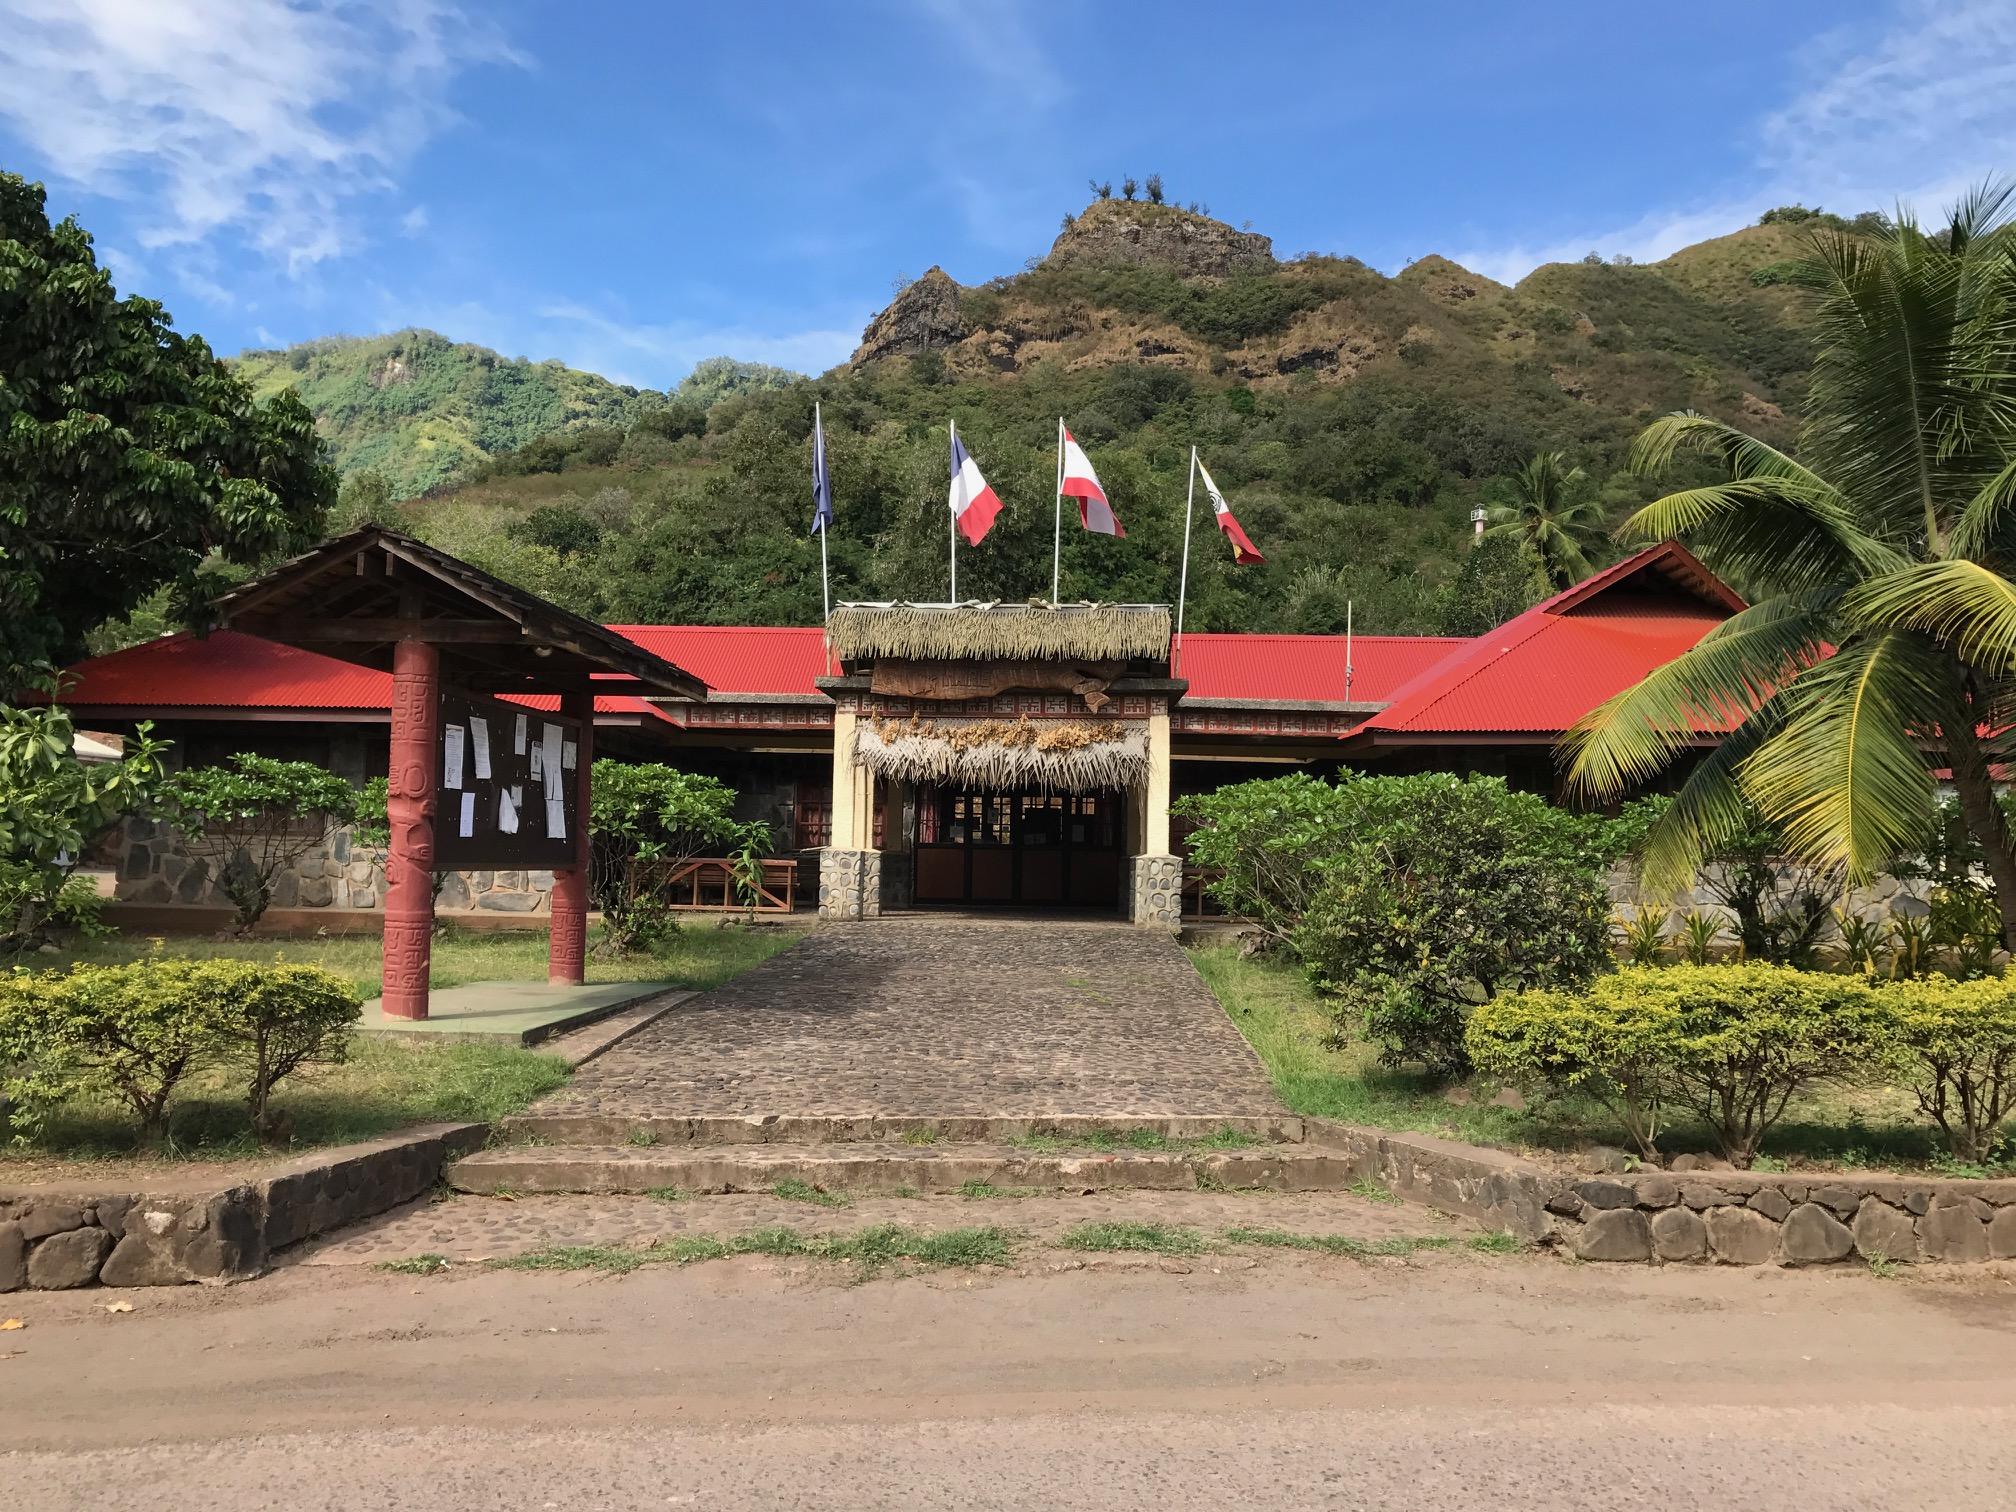 """La Sofidep recevra lundi 7 novembre et mardi 8 dans la salle de conseil de la mairie de Nuku Hiva (photo), puis mercredi 9 novembre à partir de 16 heures dans la salle """"Afometh"""" de la mairie de Hiva Oa."""